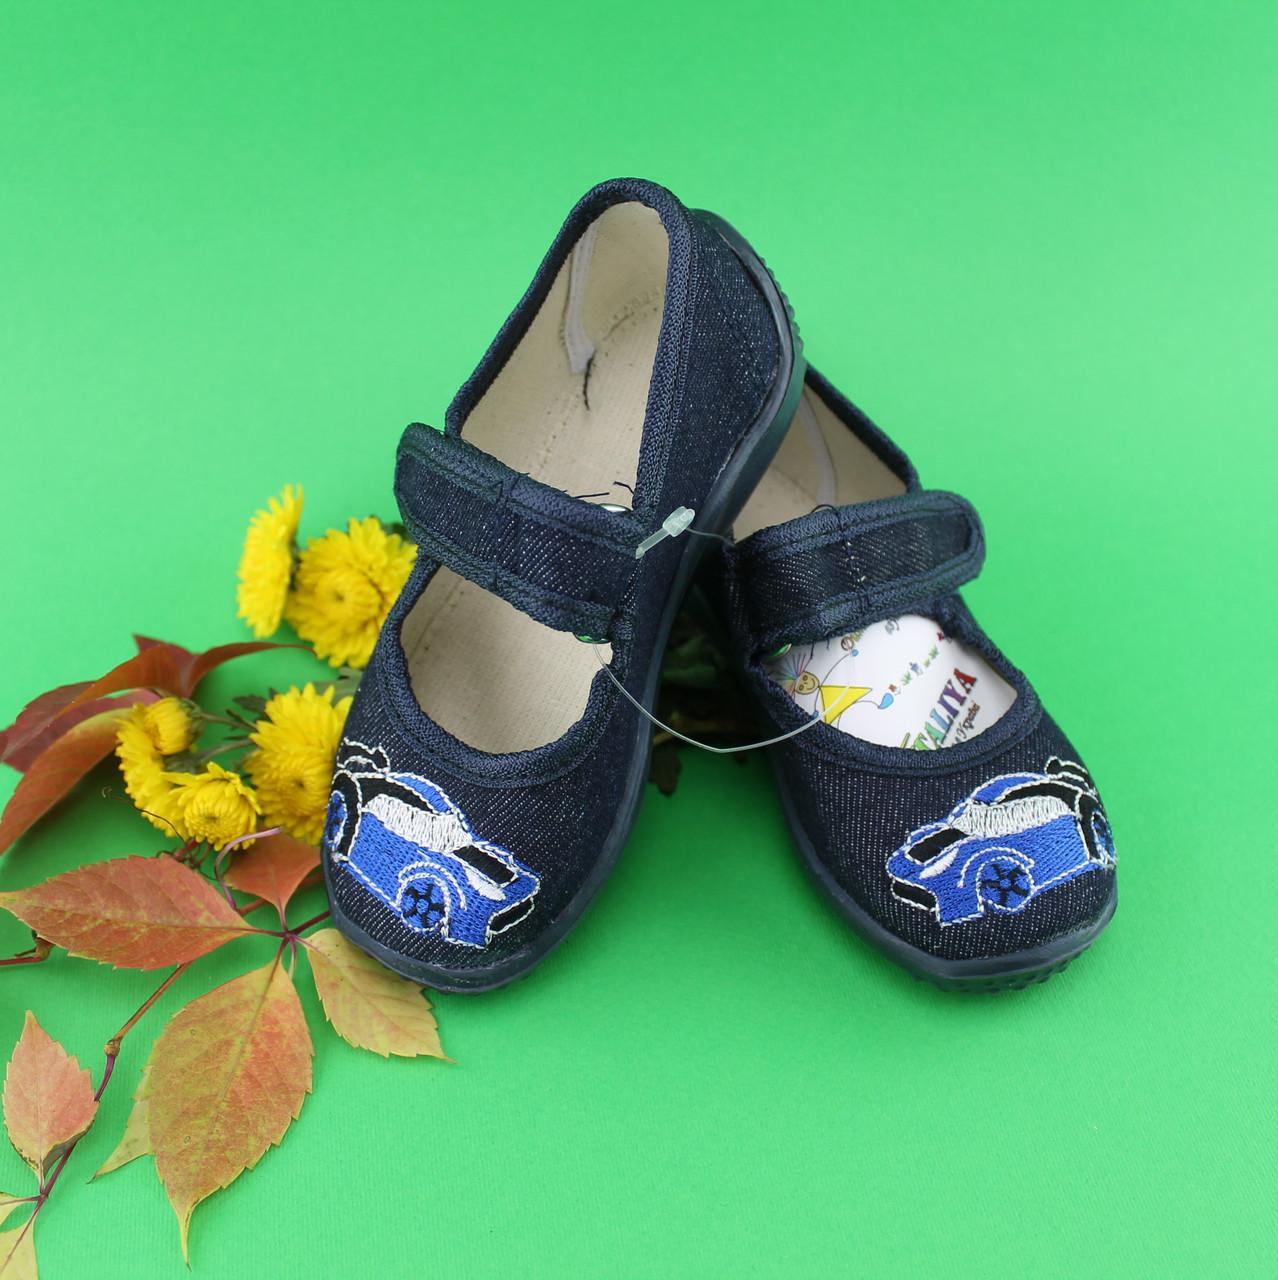 Тапочки в садик на мальчика, текстильная обувь Vitaliya Виталия Украина, размер 23,25,5